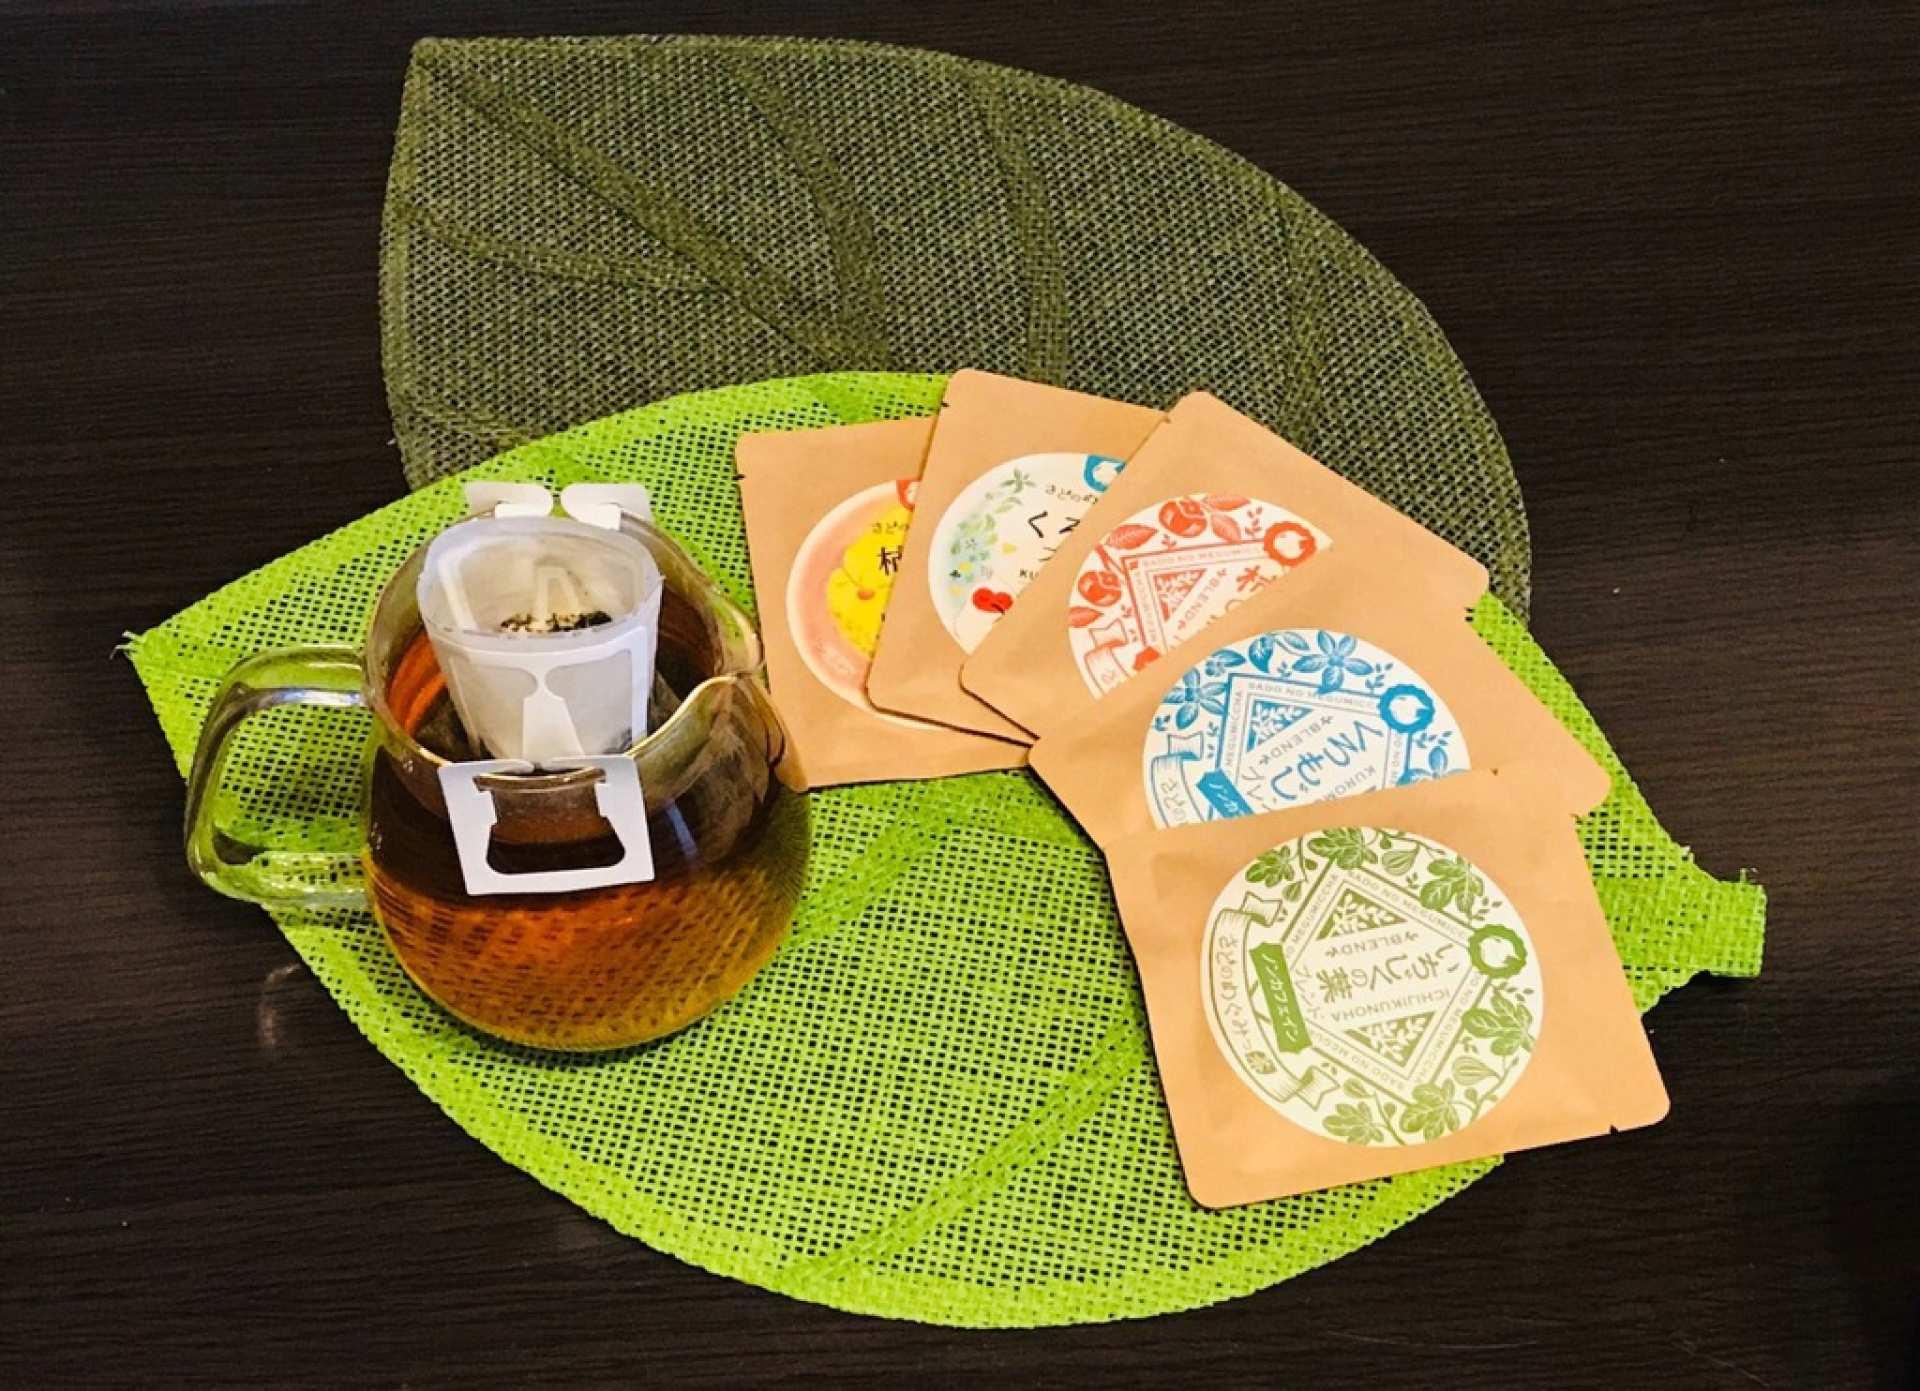 【お取り寄せ】新潟 佐渡島|佐渡のめぐみっ茶|日本の離島みやげ通販